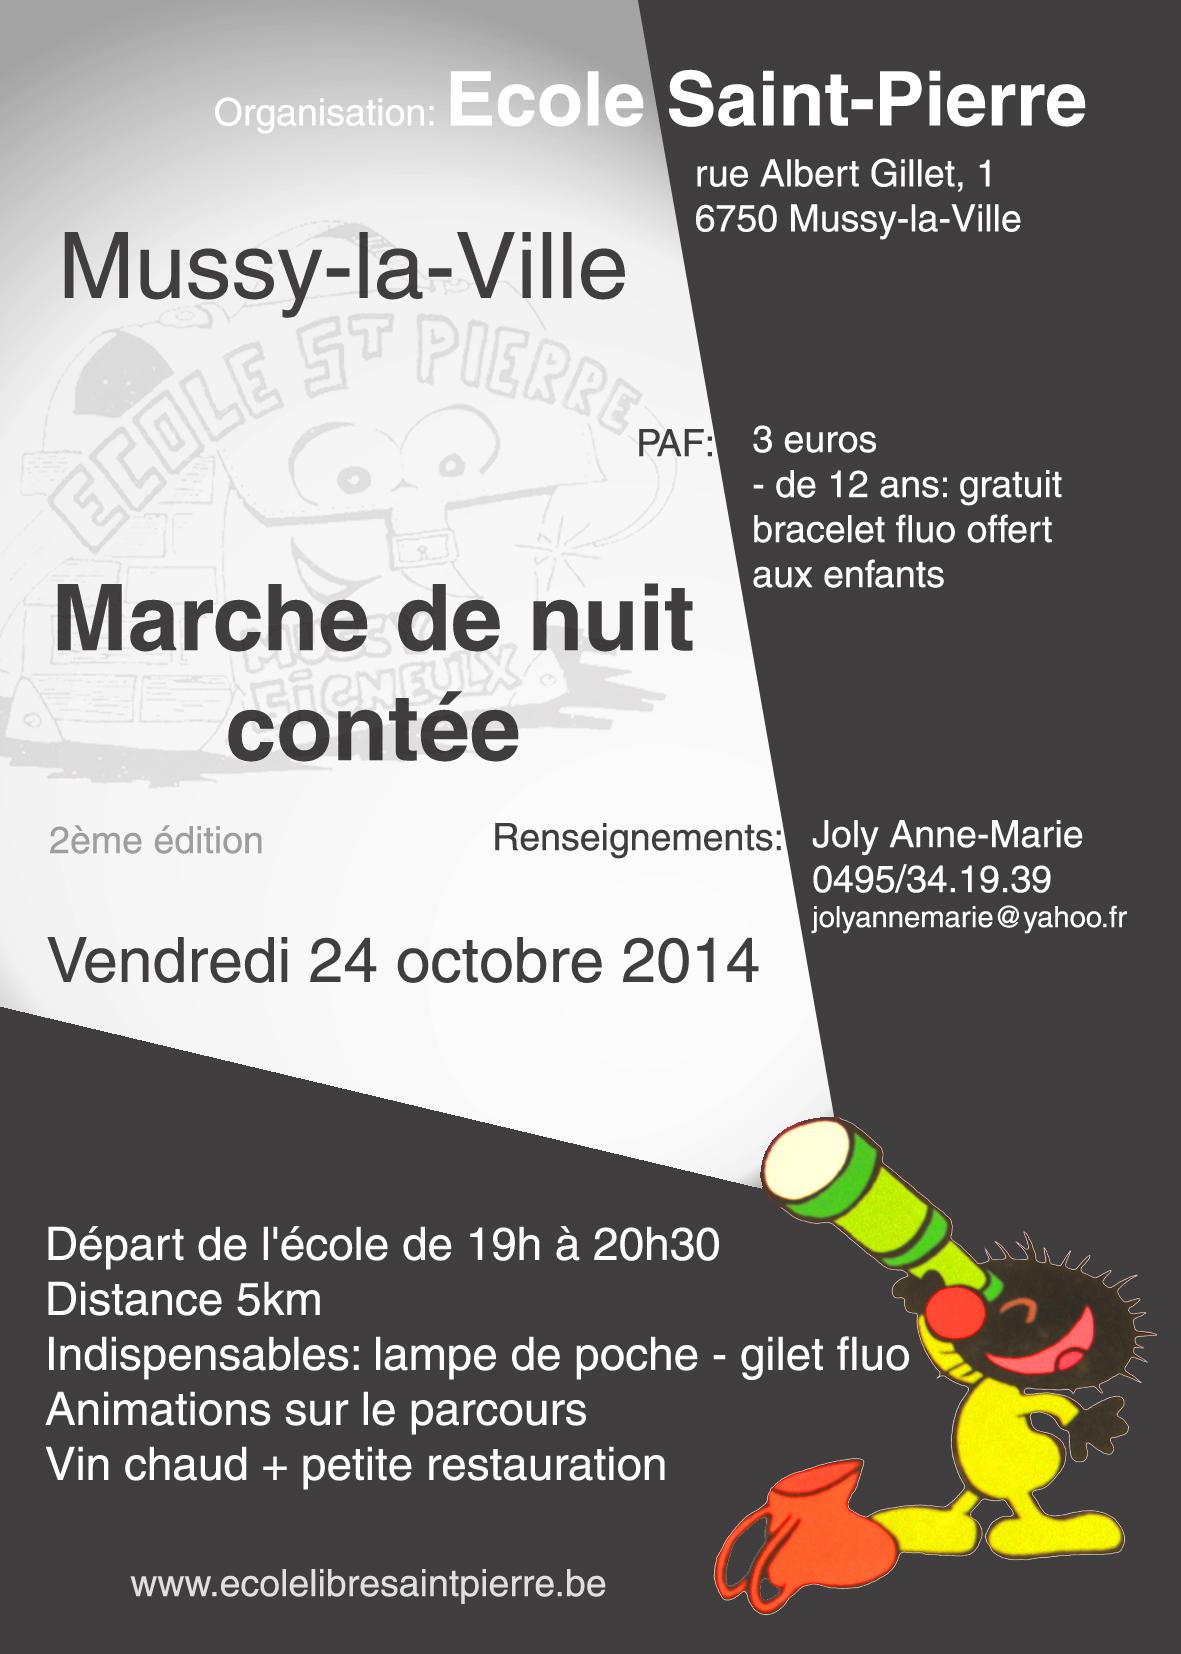 Marche de nuit cont e au d part de l ecole saint pierre mussy la ville ec - Horaires marche saint pierre ...